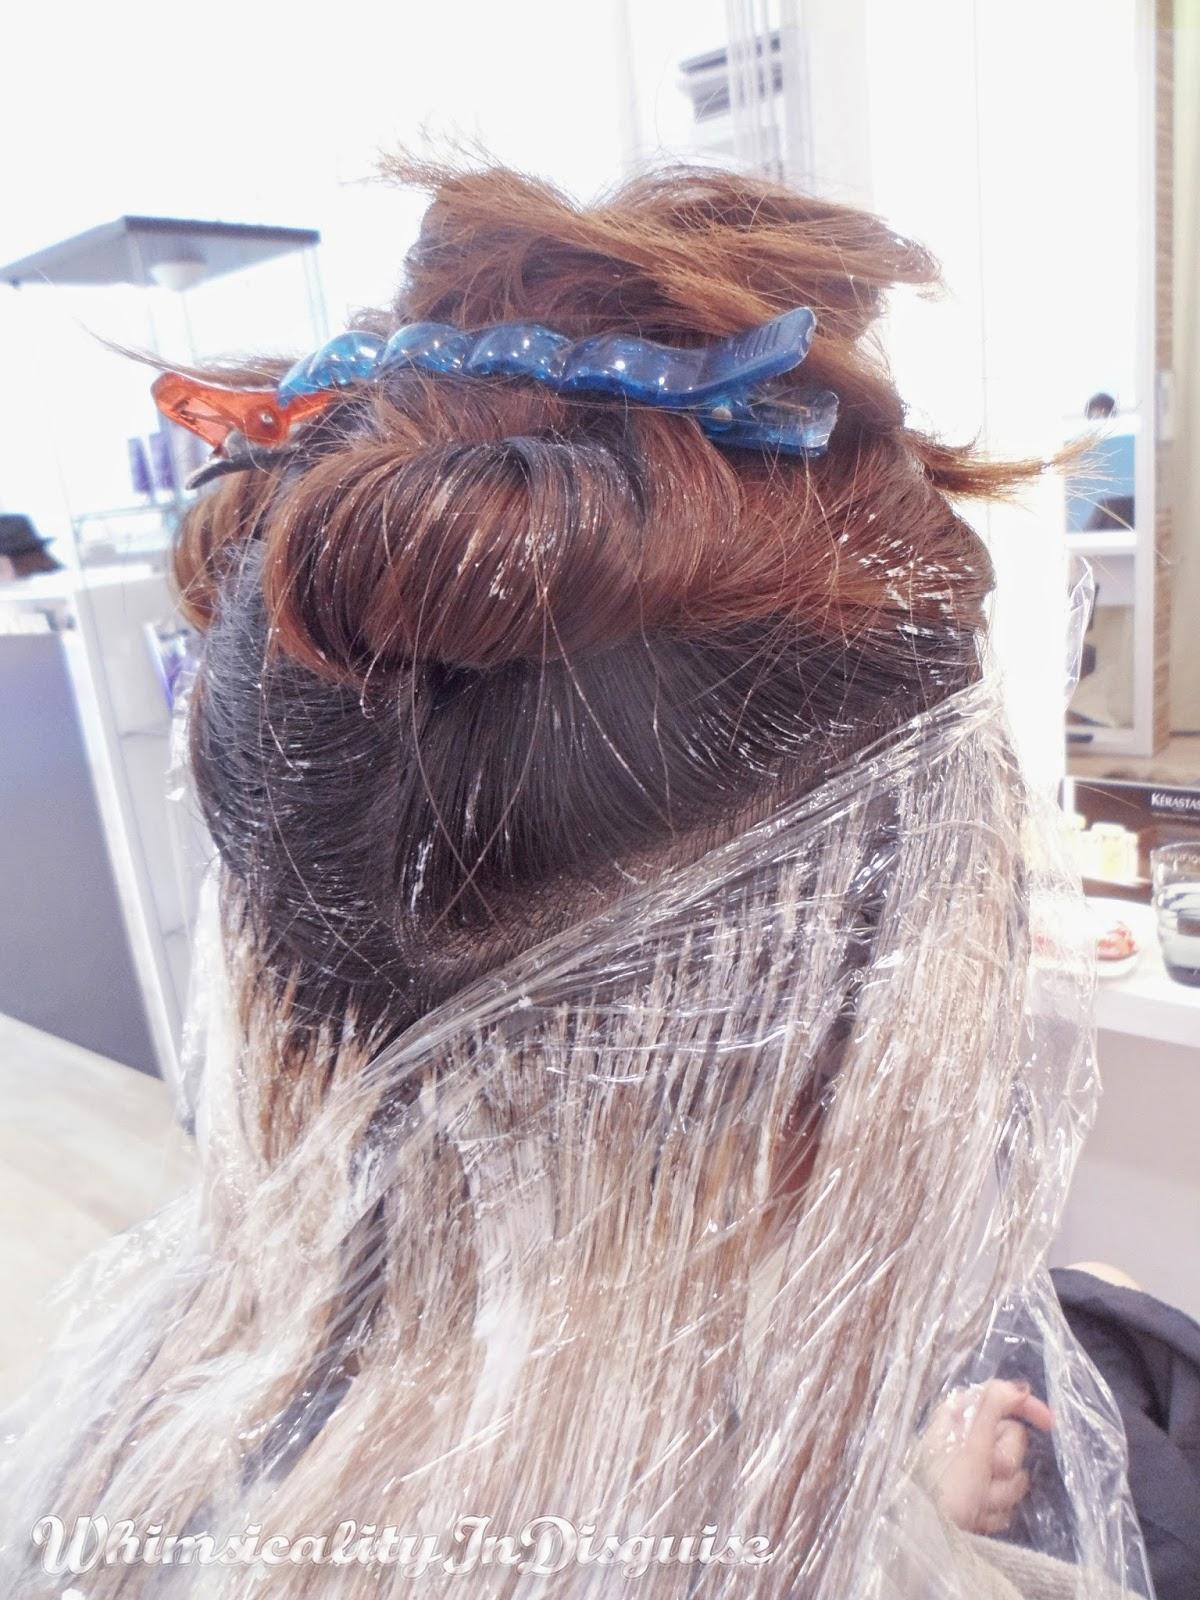 SALON DE CHOIX REVIEW HAIR MAKEOVER